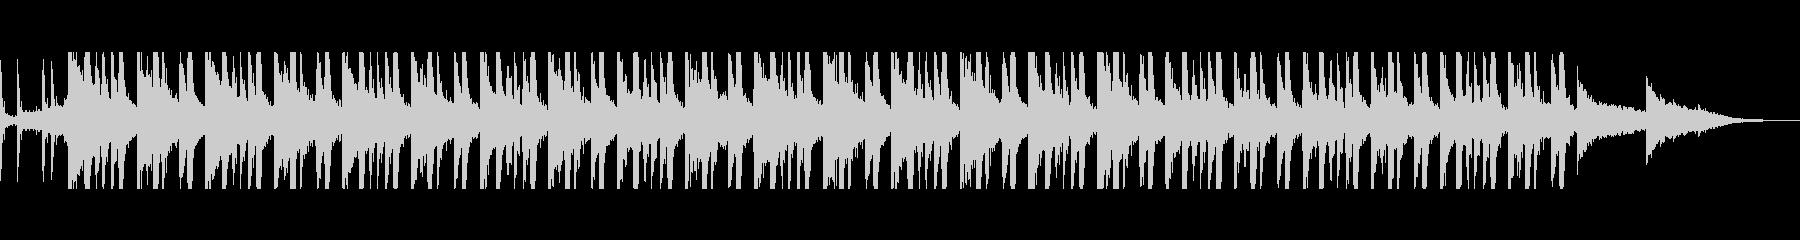 紹介曲  商品 企業 クラップ!の未再生の波形